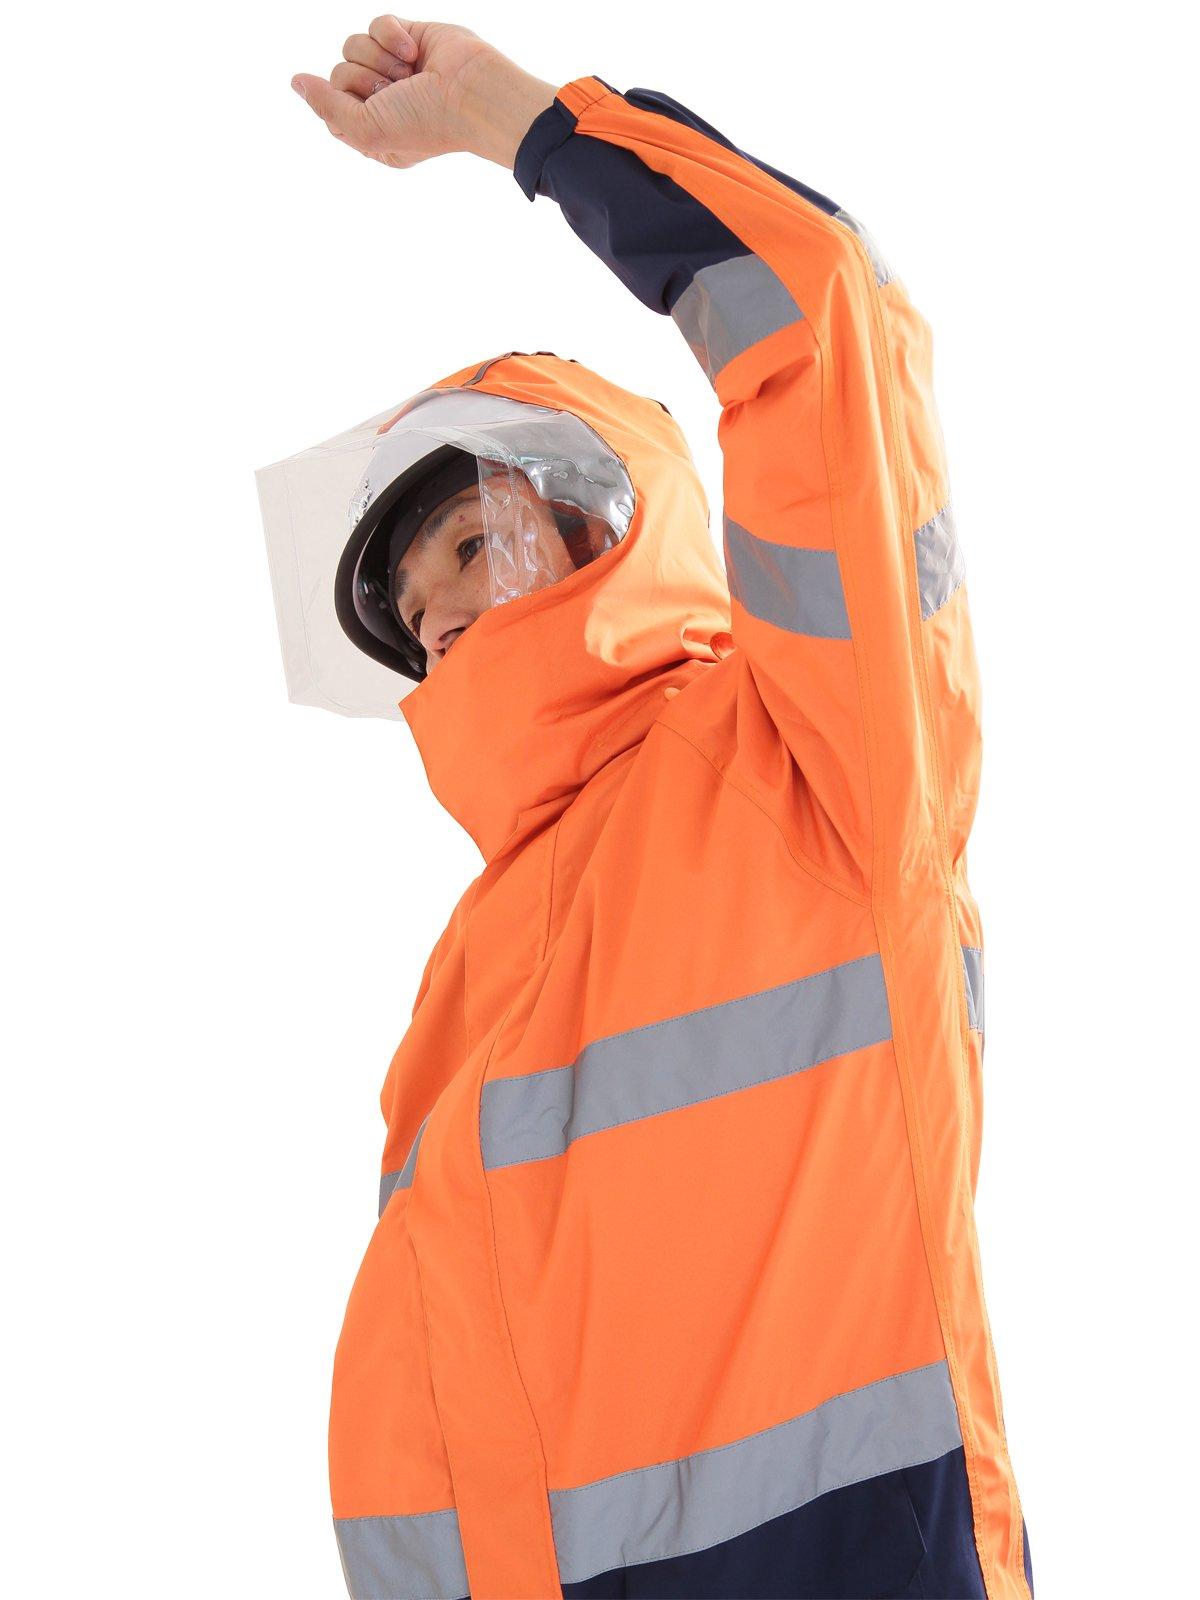 スパーダ ストレッチレイン(消防レインウェア カッパ 雨衣)【画像5】